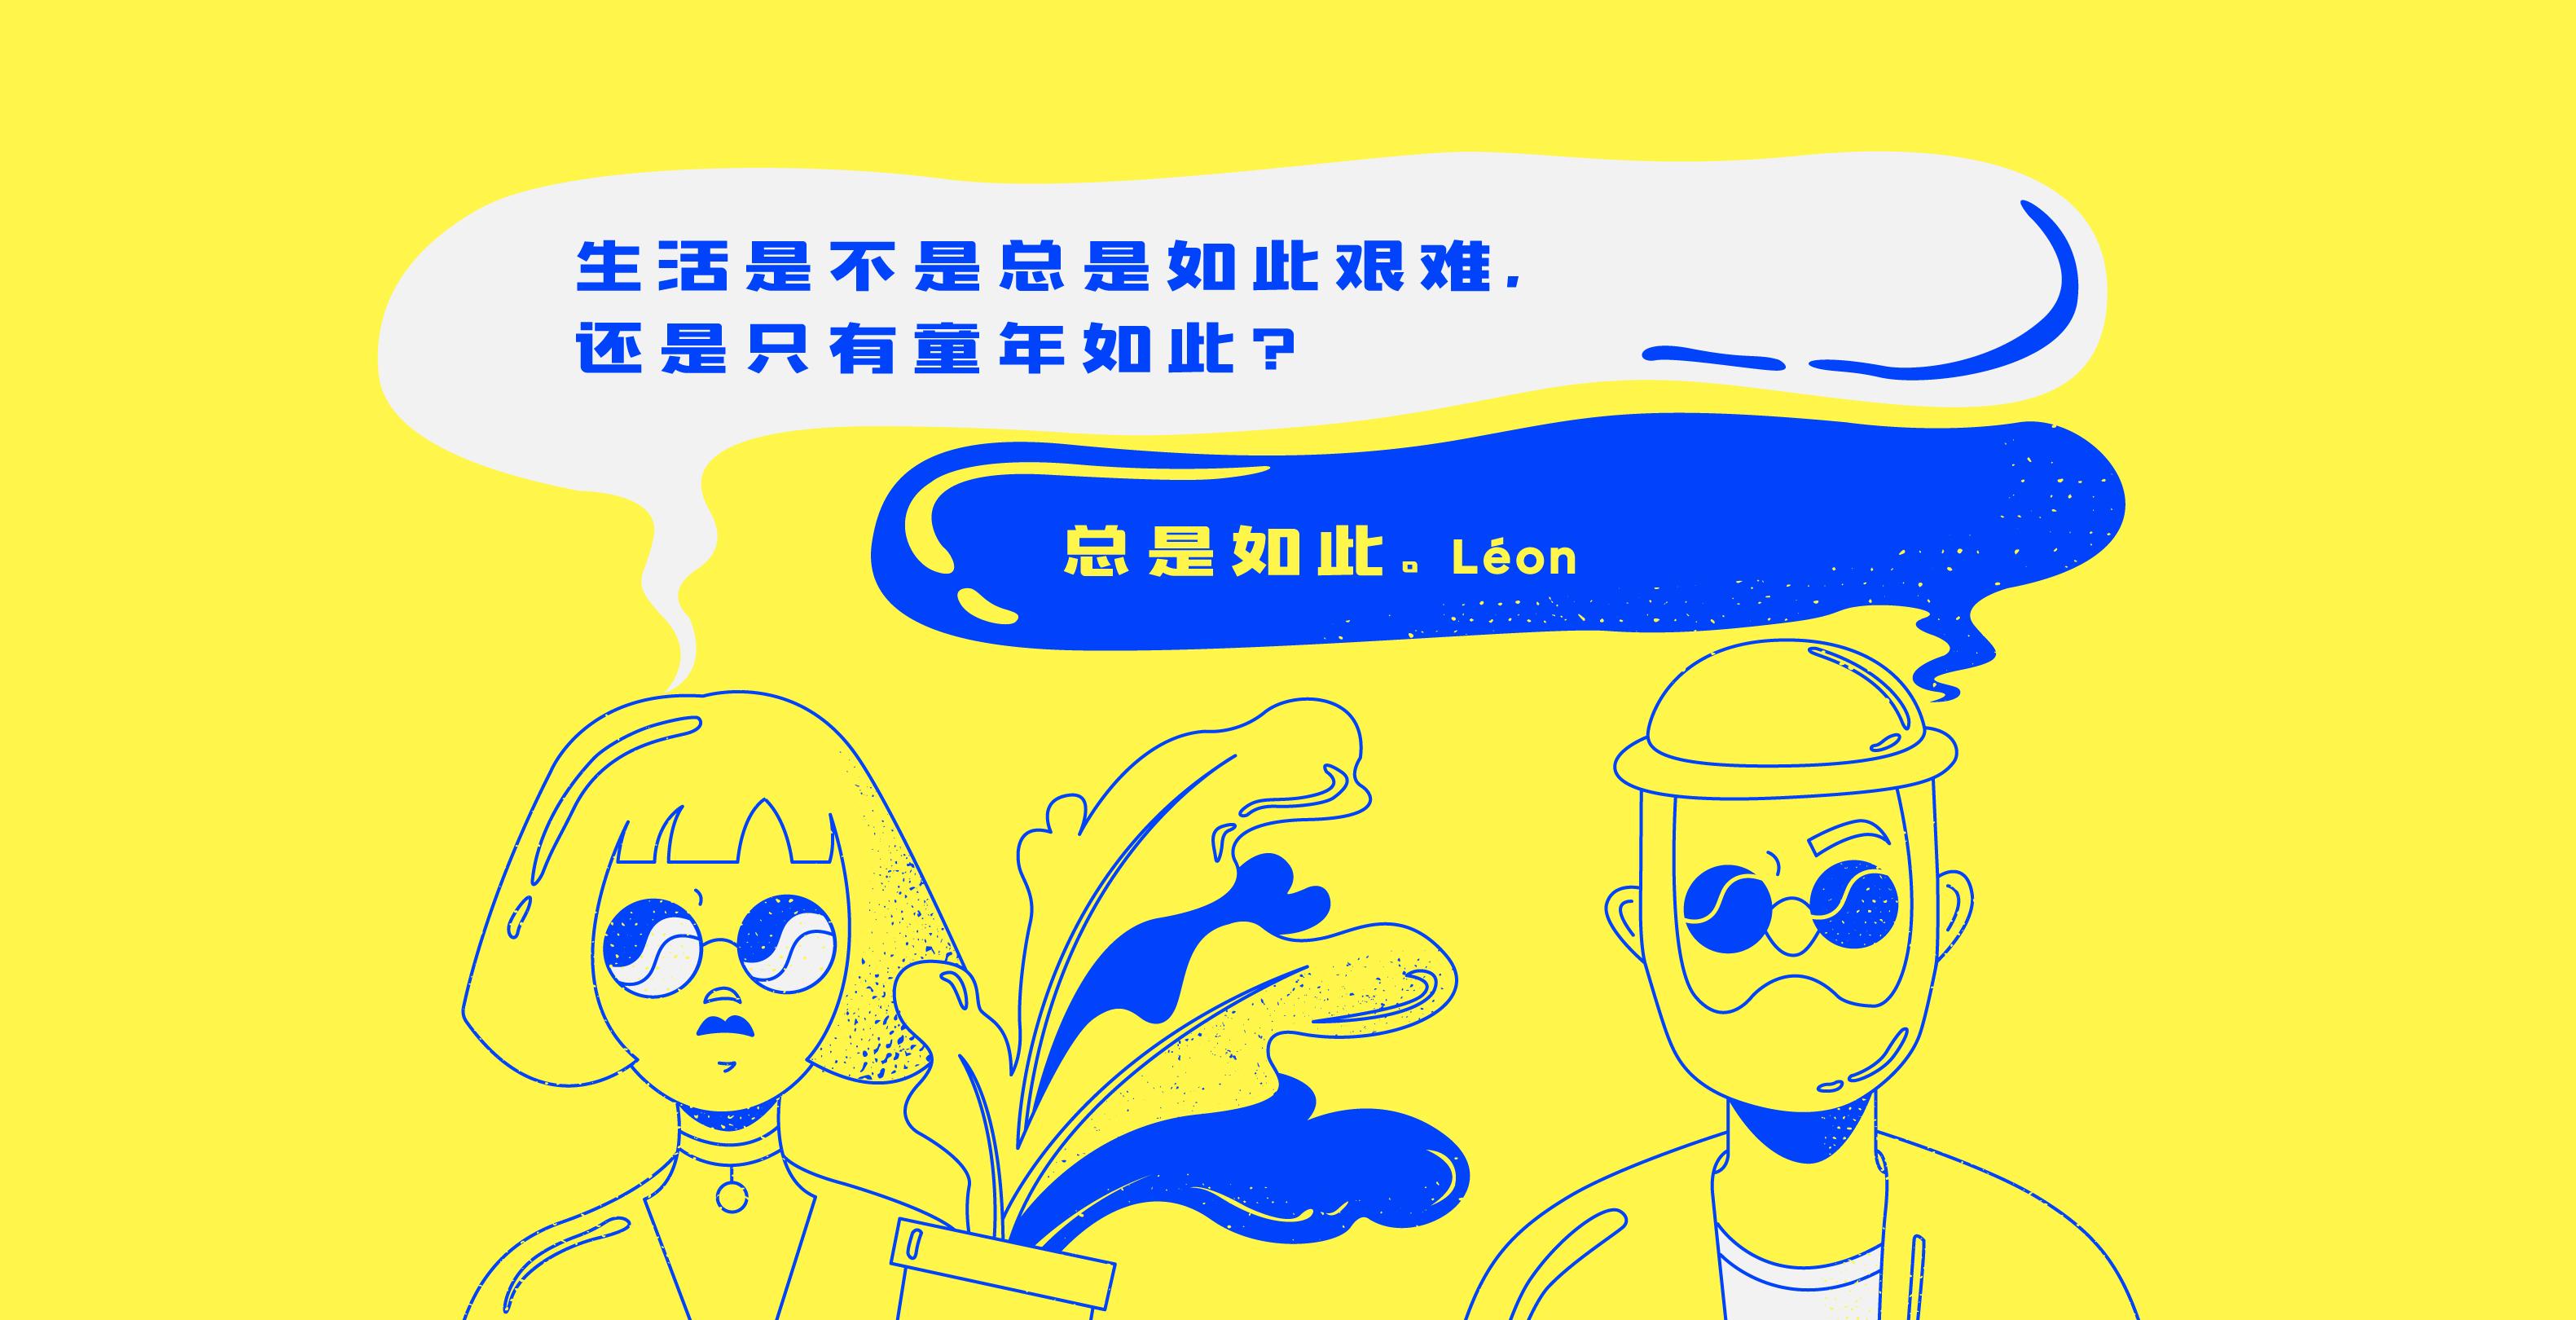 腾讯校招中,看看别人家的设计师是怎么做的插图(7)